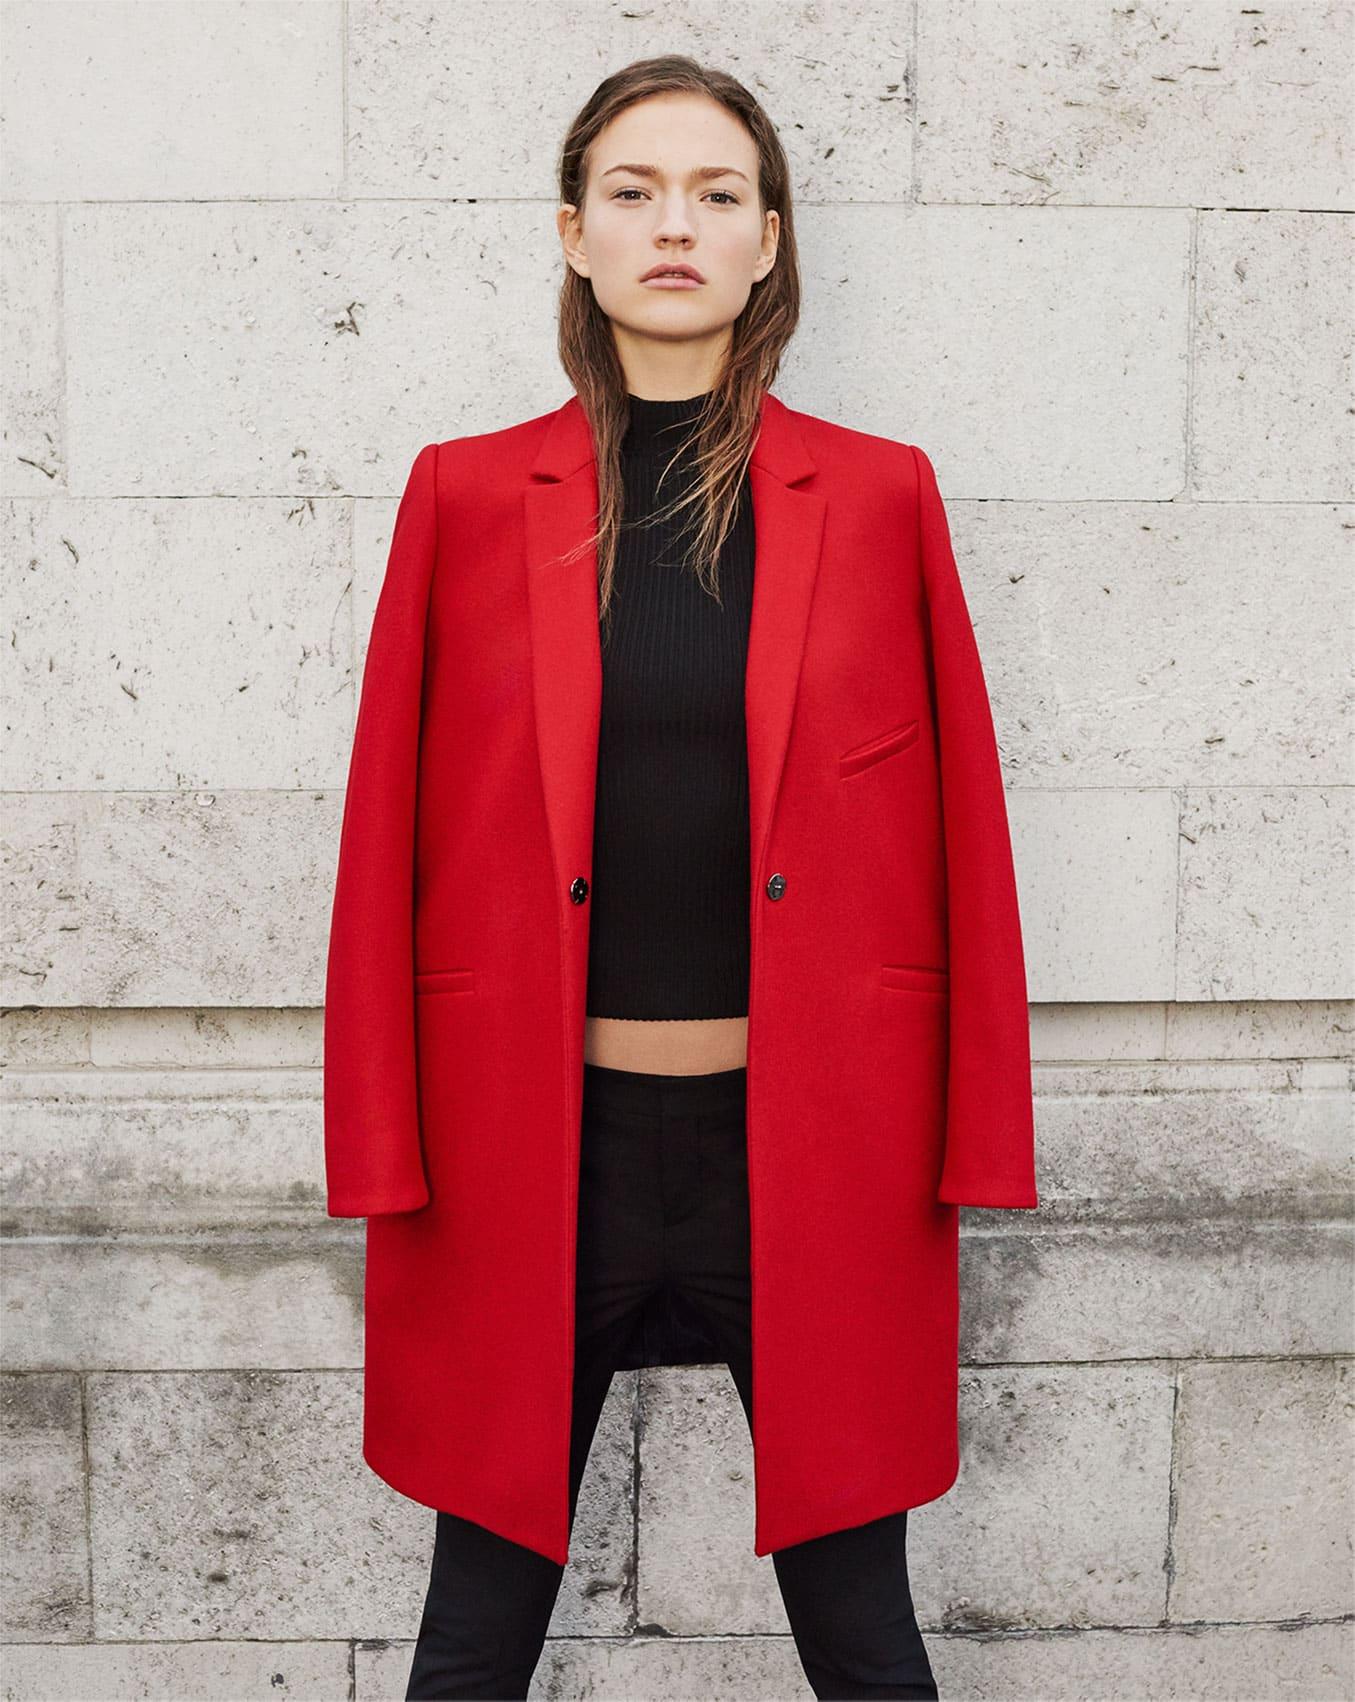 cappotto donna cappotto rosso